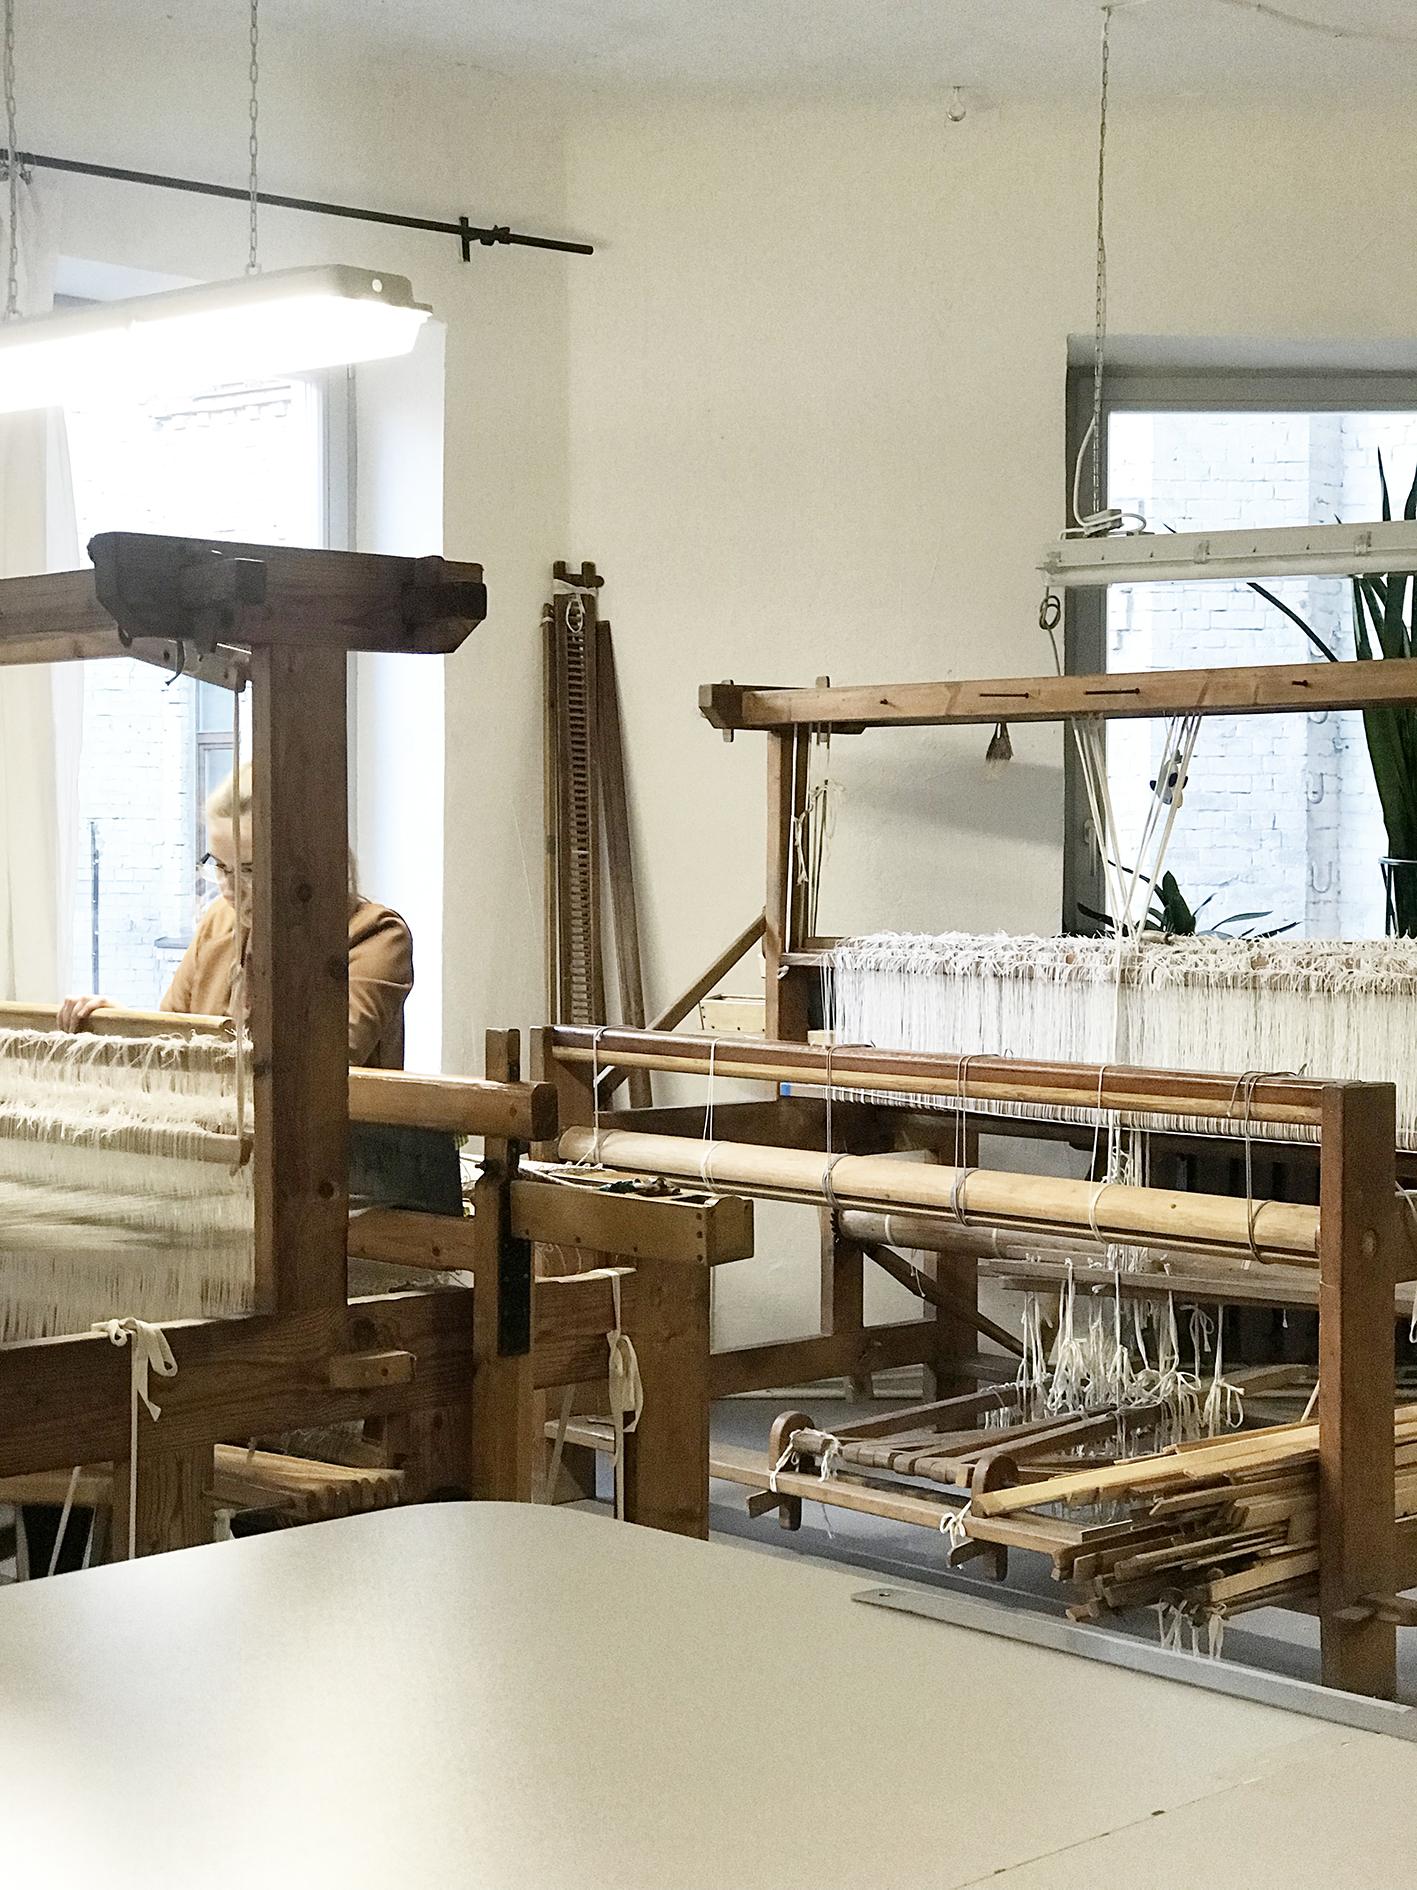 Satavuotiaan Jokipiin Pellavan kivijalkoja ovat: Sopeutumiskyky muutoksiin ja aidosti kotimaiset tuotteet